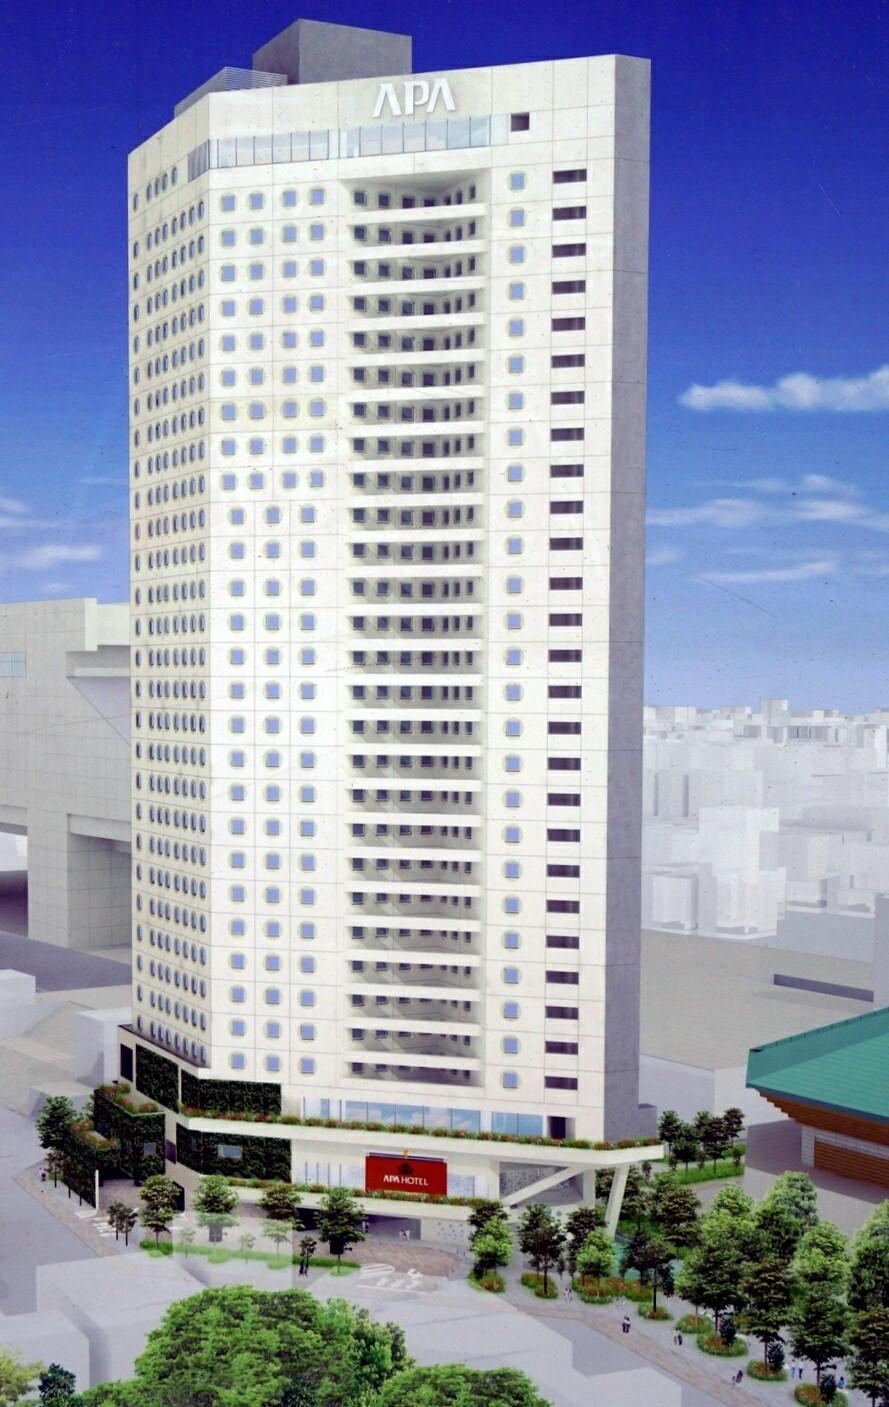 アパホテル & リゾート 両国 駅 タワー